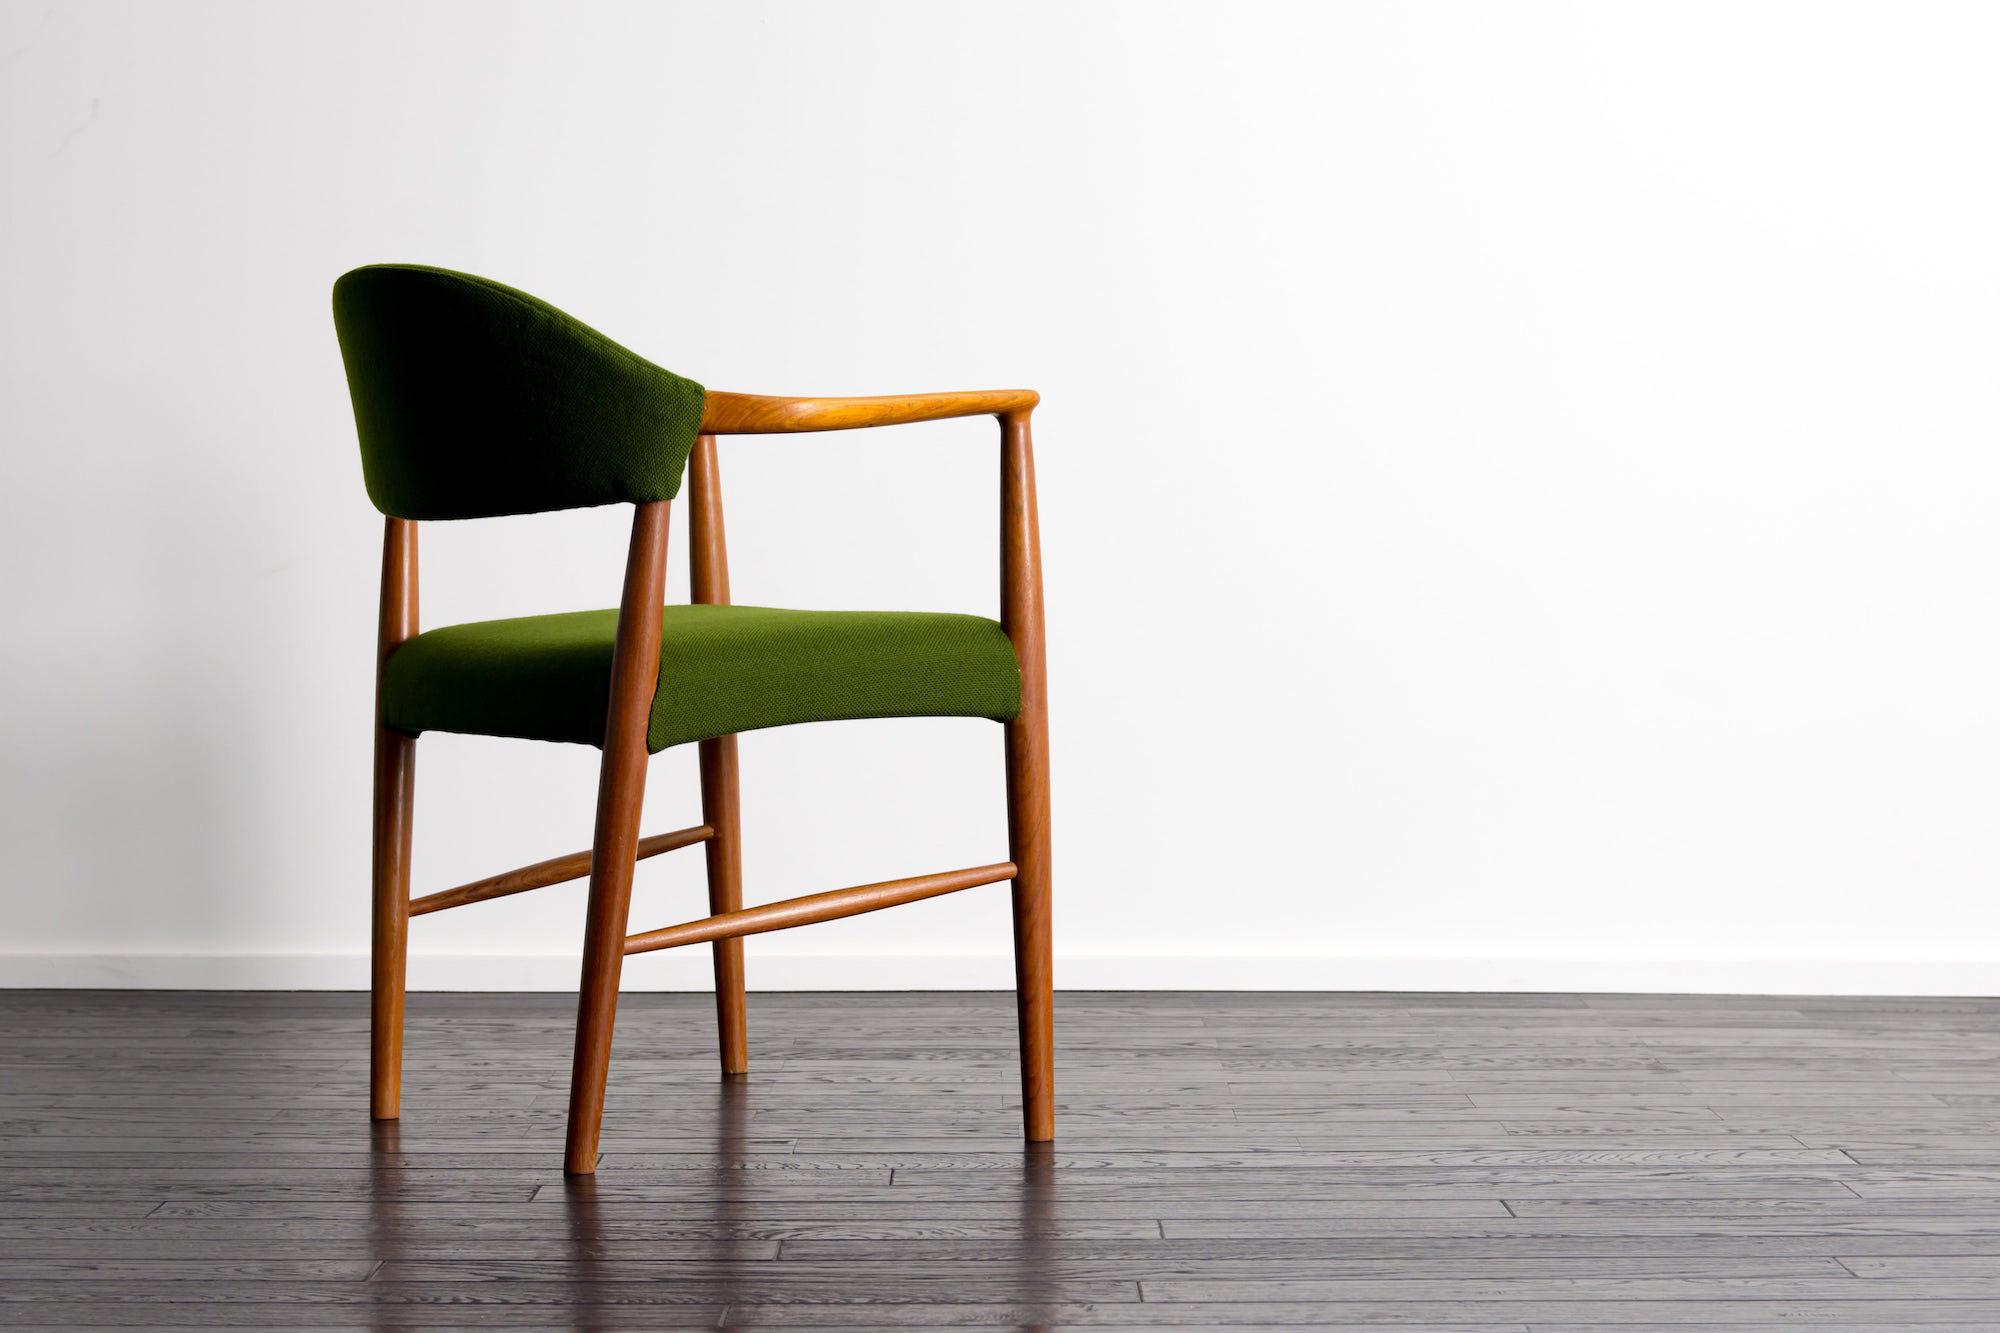 【4脚セット】#223 Arm Chair by Kurt Olsen